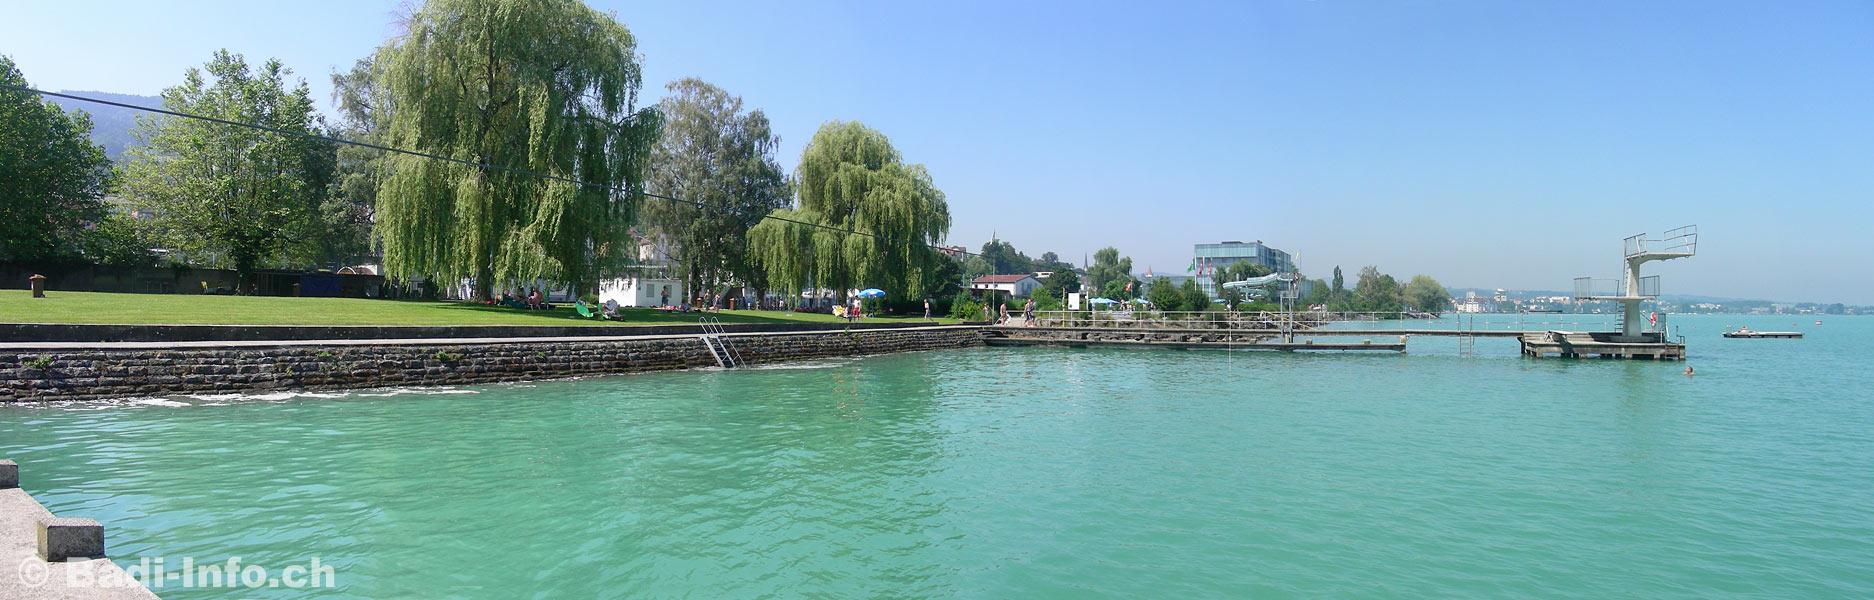 Strandbad am Bodensee bei Rorschach